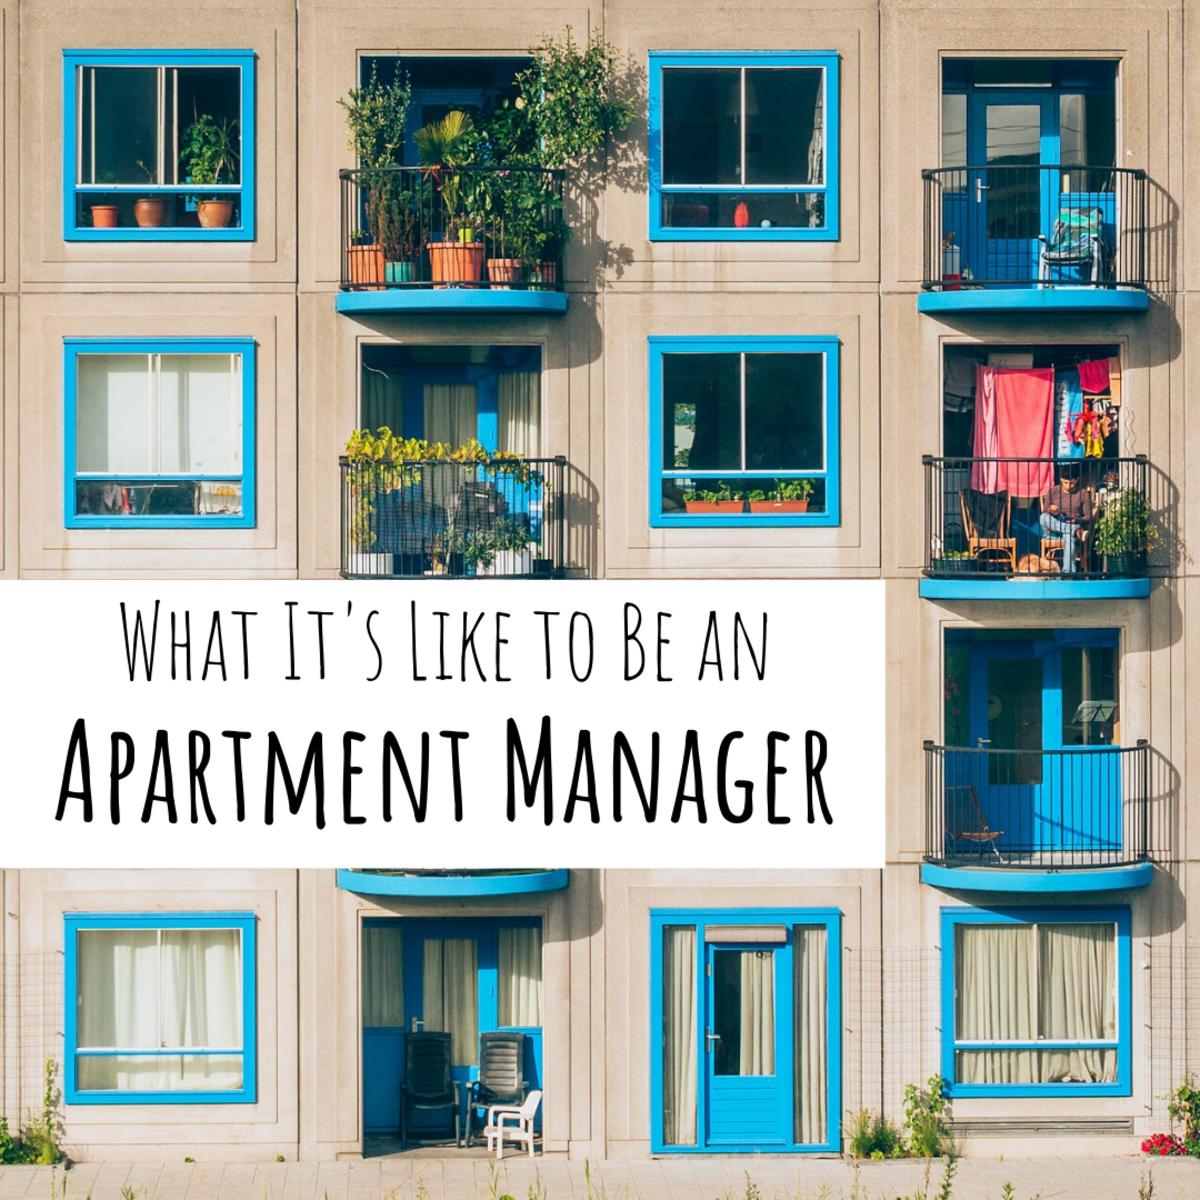 了解一些公寓或物业经理的日常工作,以及这份工作的优缺点。